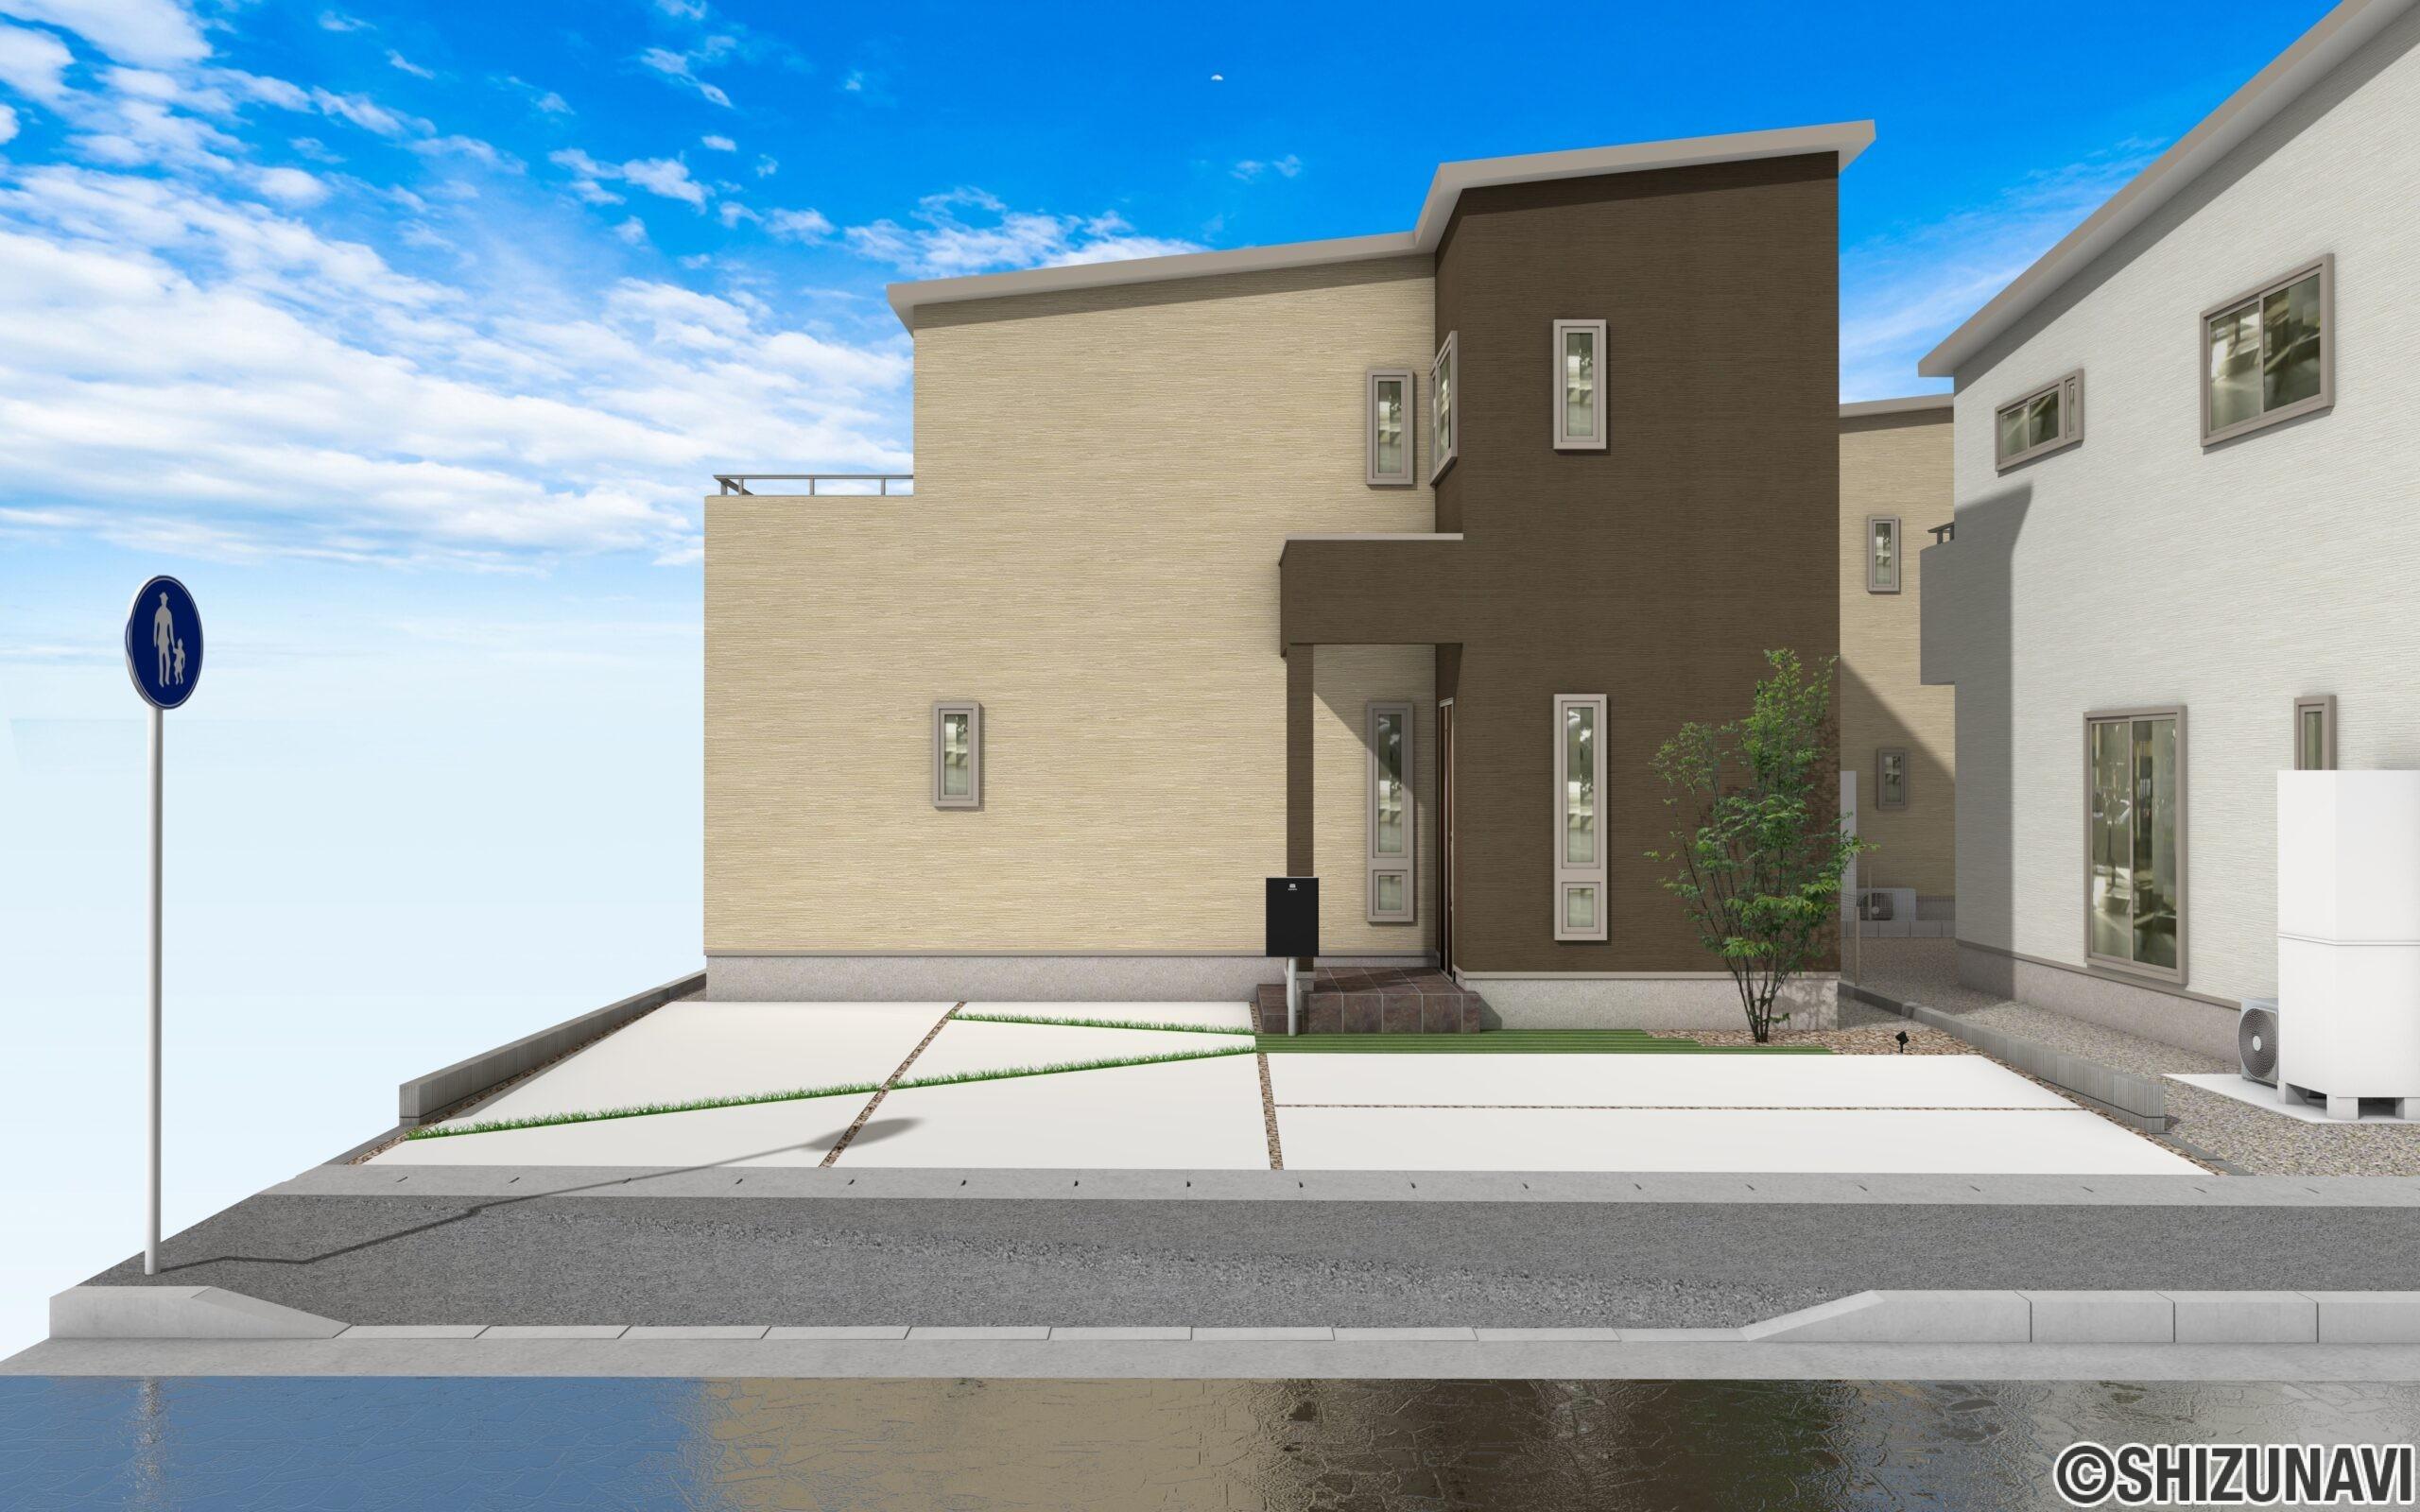 【長期優良認定住宅】浜松市中区高丘西1丁目【E棟】耐震等級3 アルハウス